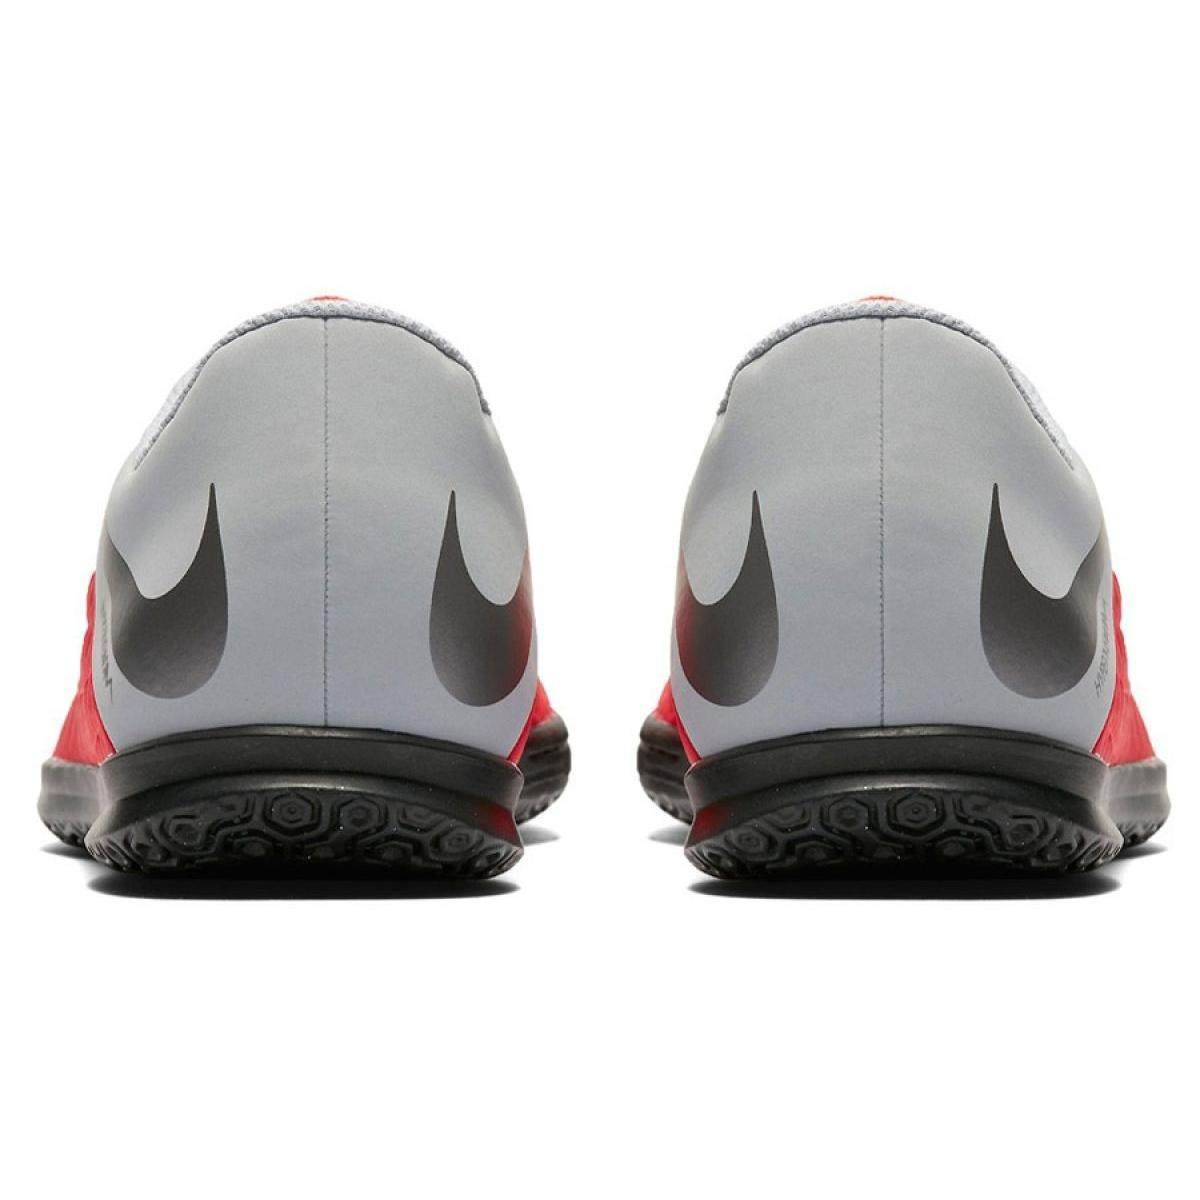 Pierwsze spojrzenie wysoka moda oficjalny dostawca Indoor shoes Nike Hypervenom PhantomX 3 Club Ic Jr AJ3789-600 red red